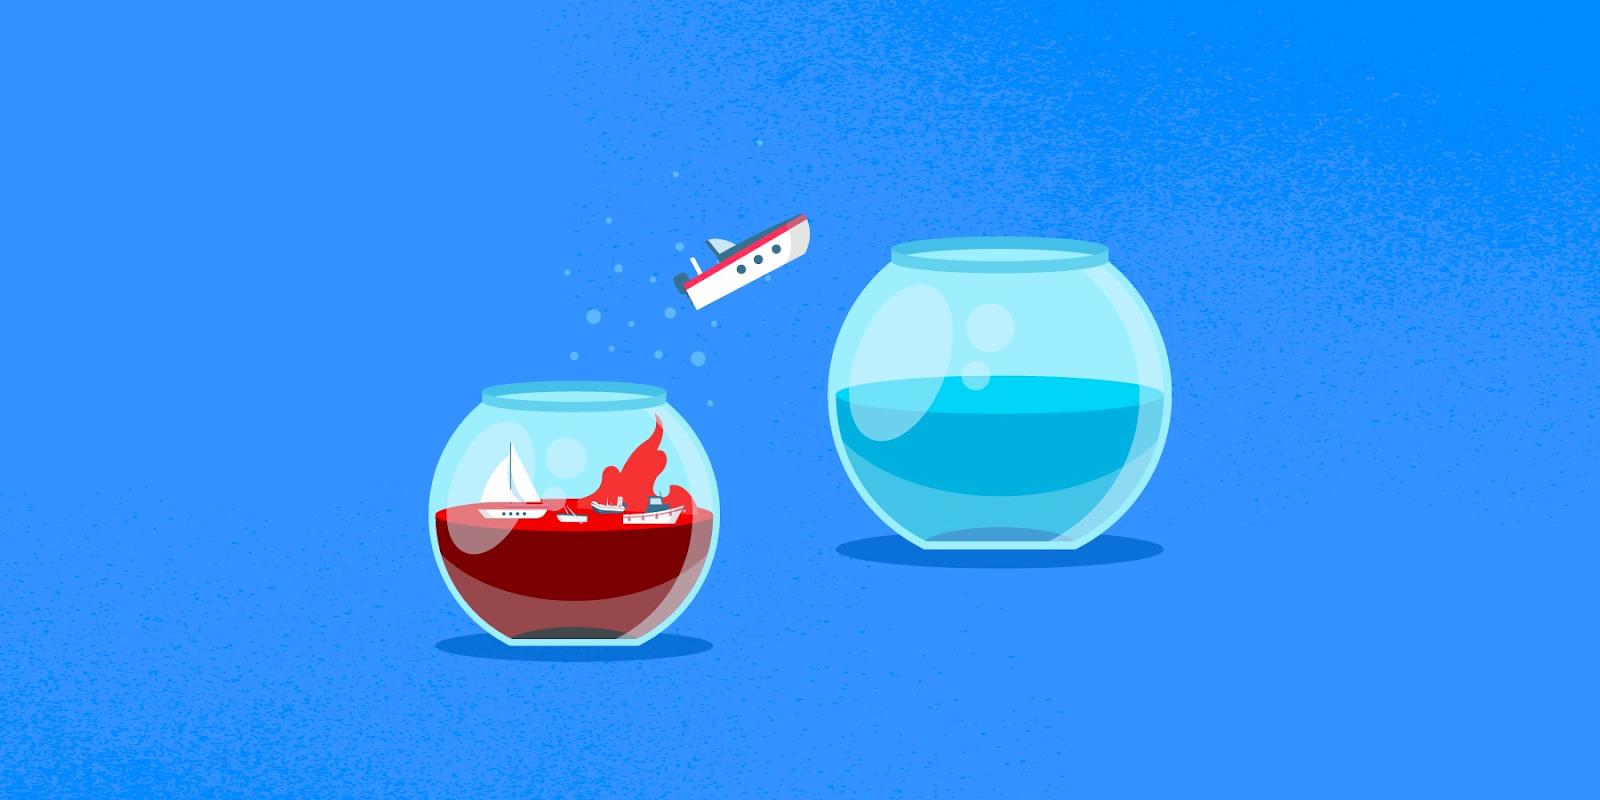 Blue ocean image